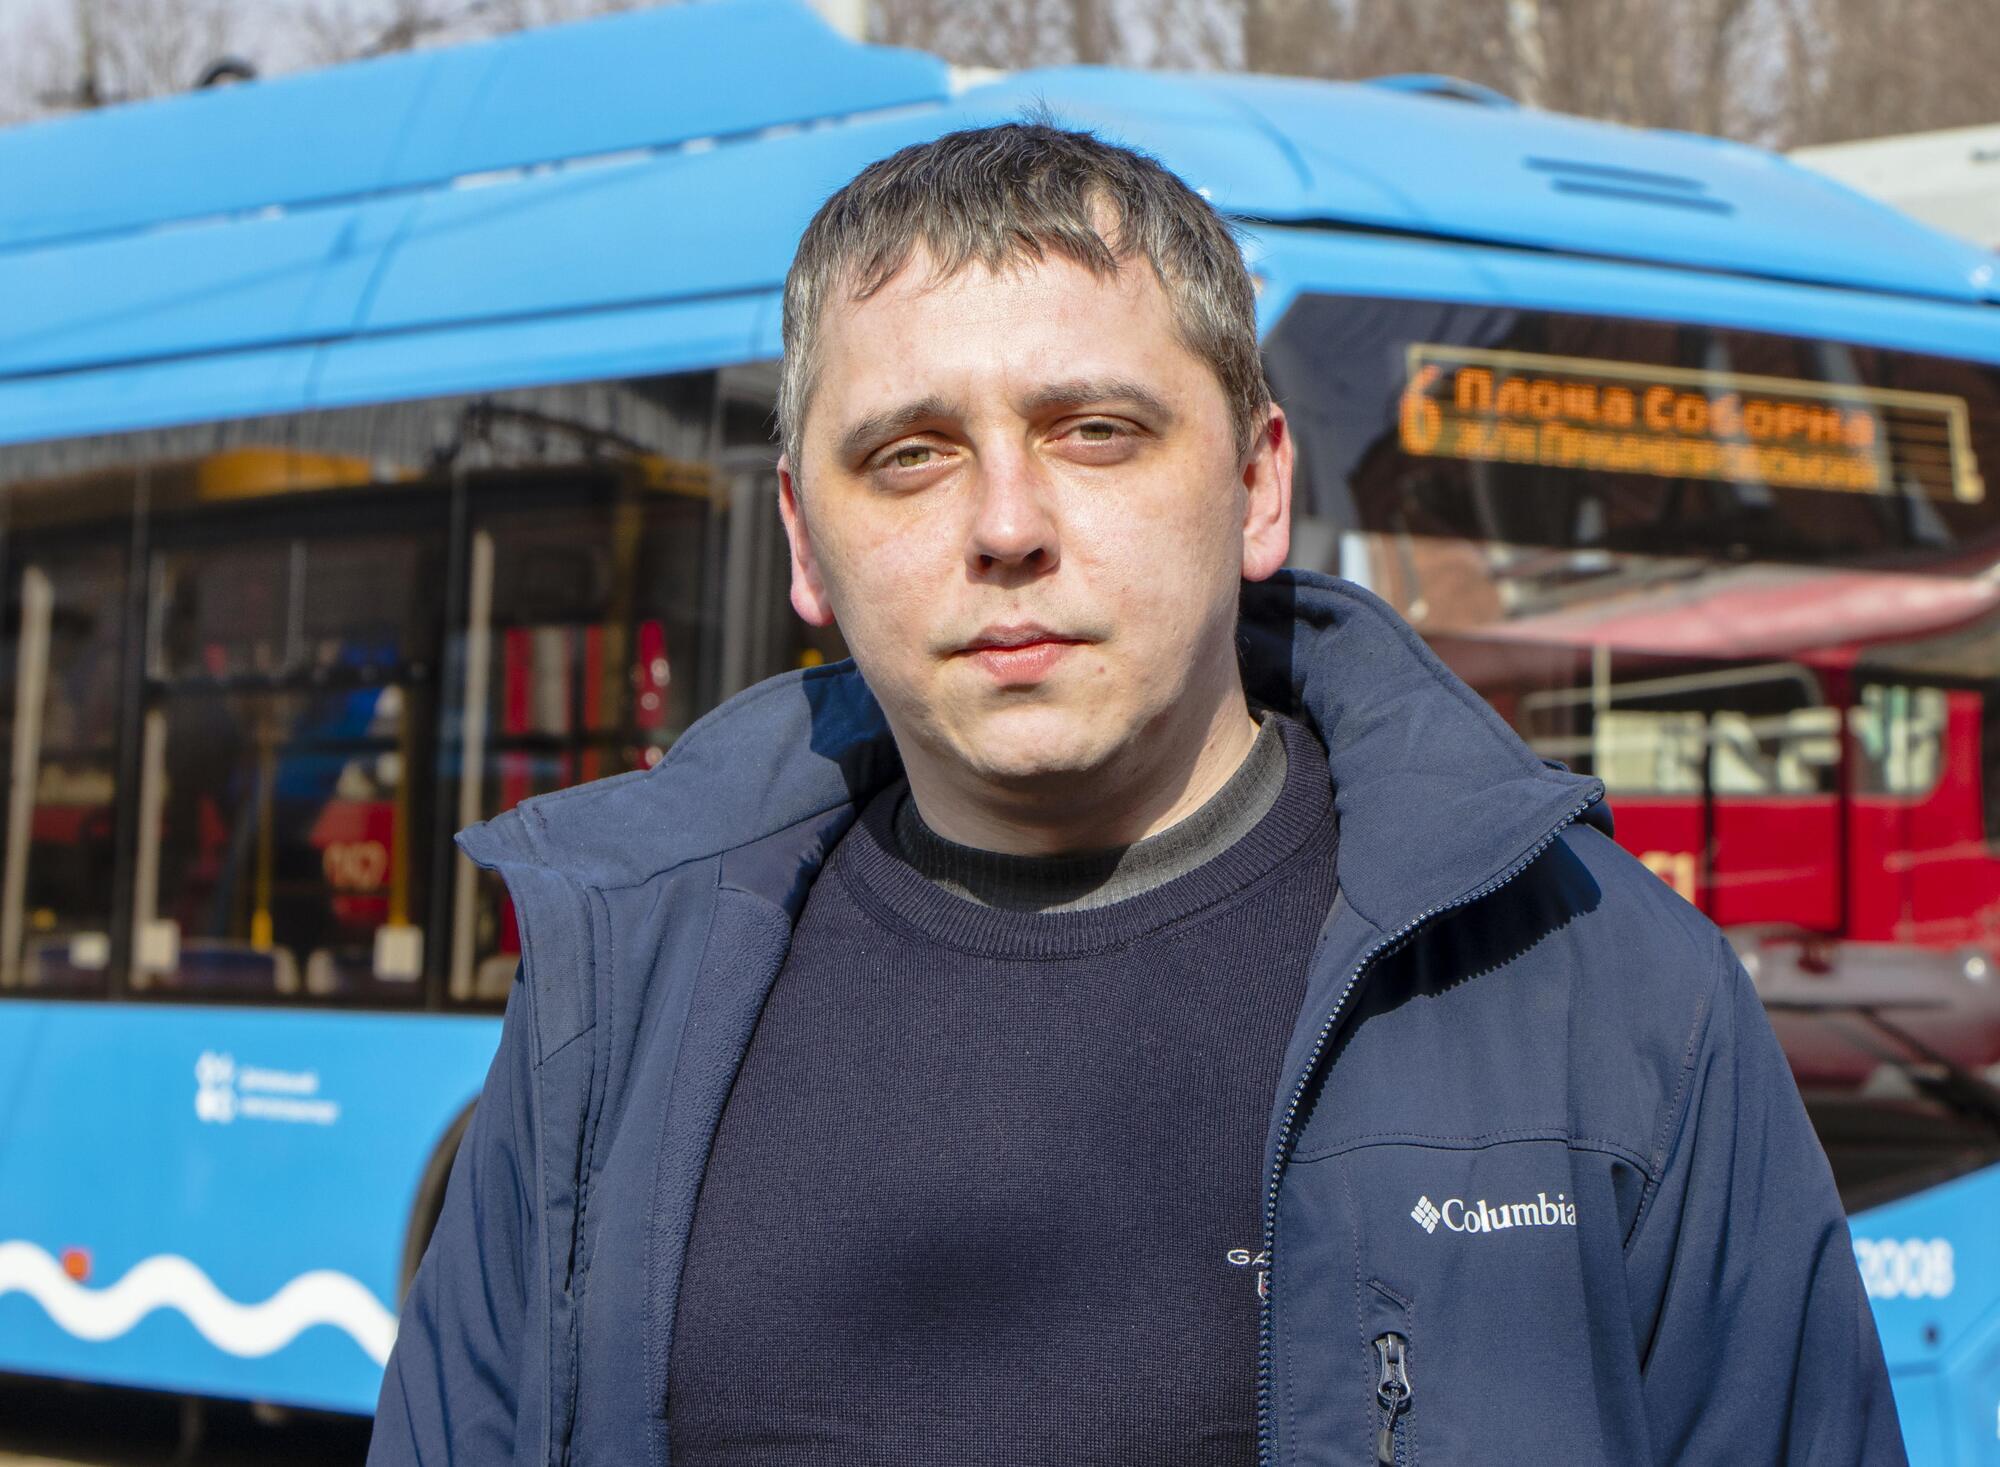 Ще одним кроком у процесі брендування стане заміна автобусних трафаретів розповів Васючков